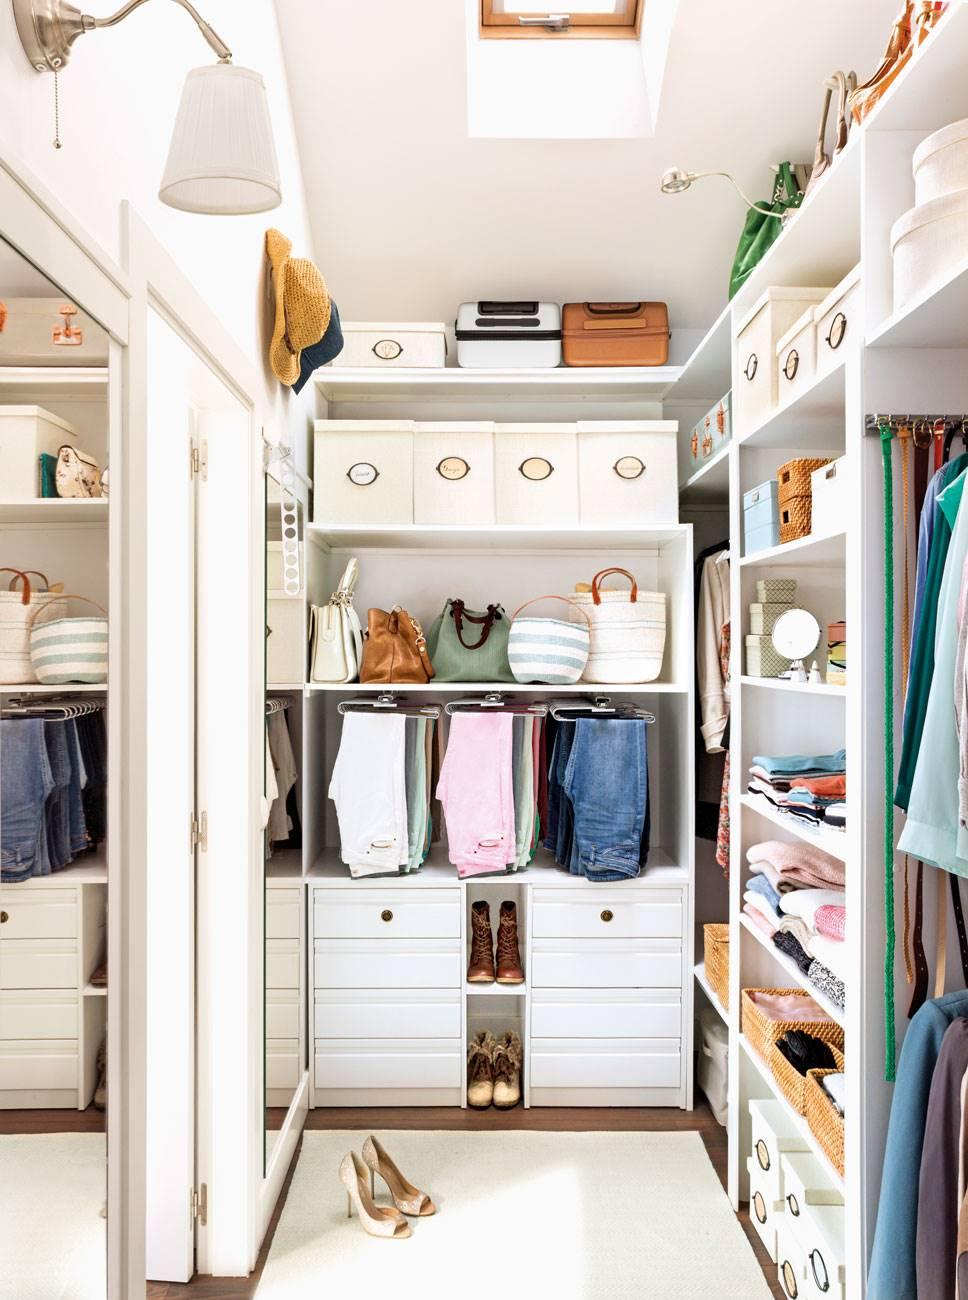 1172 fotos de armarios - Como organizar un armario empotrado pequeno ...